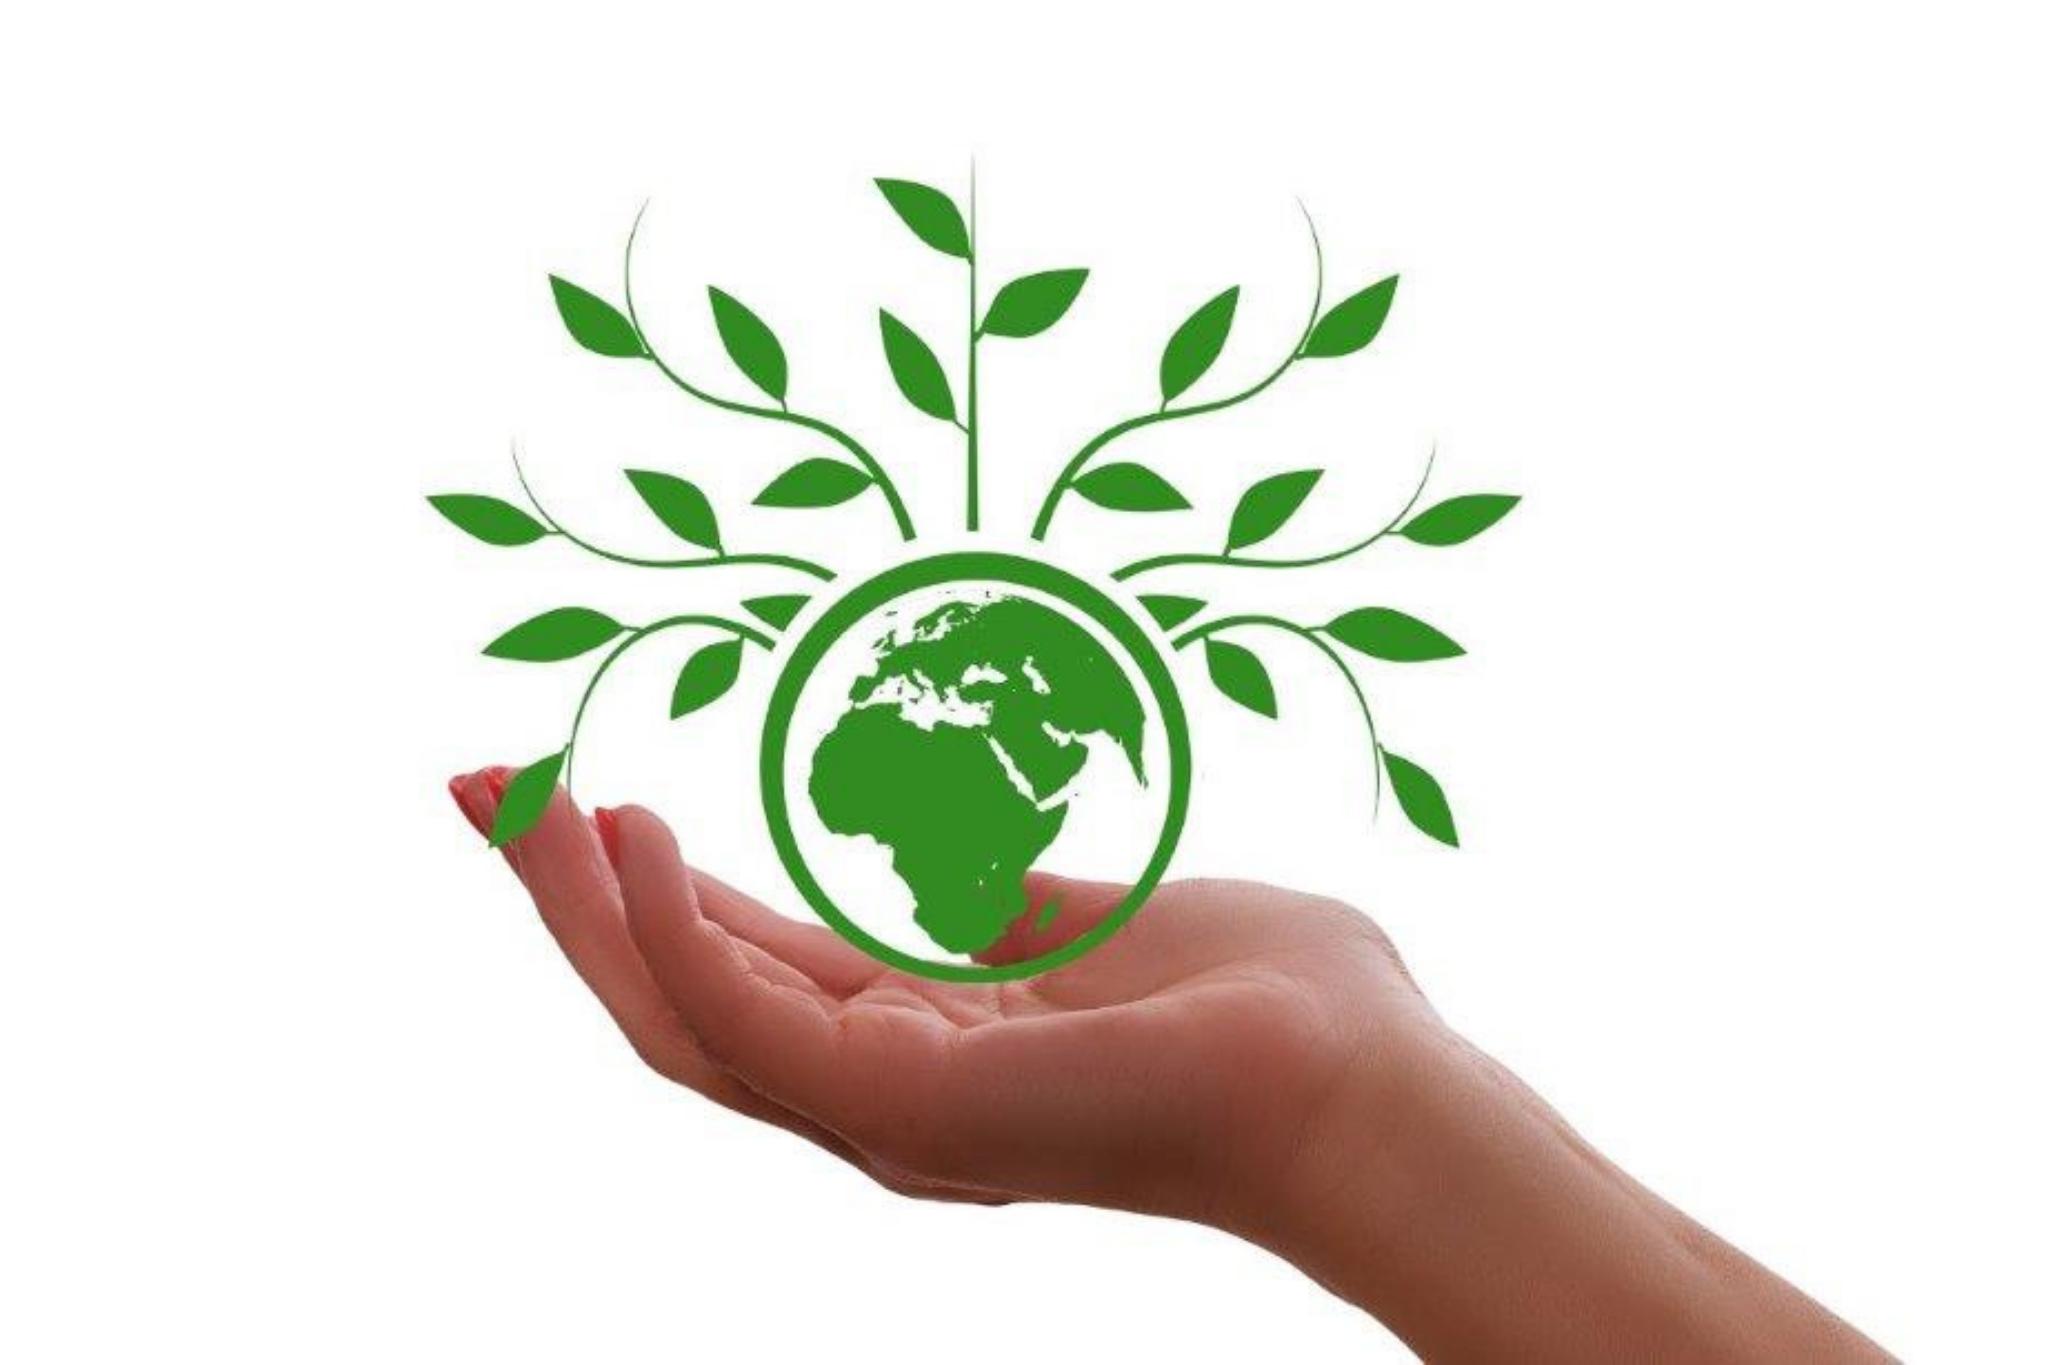 Réduire notre empreinte écologique